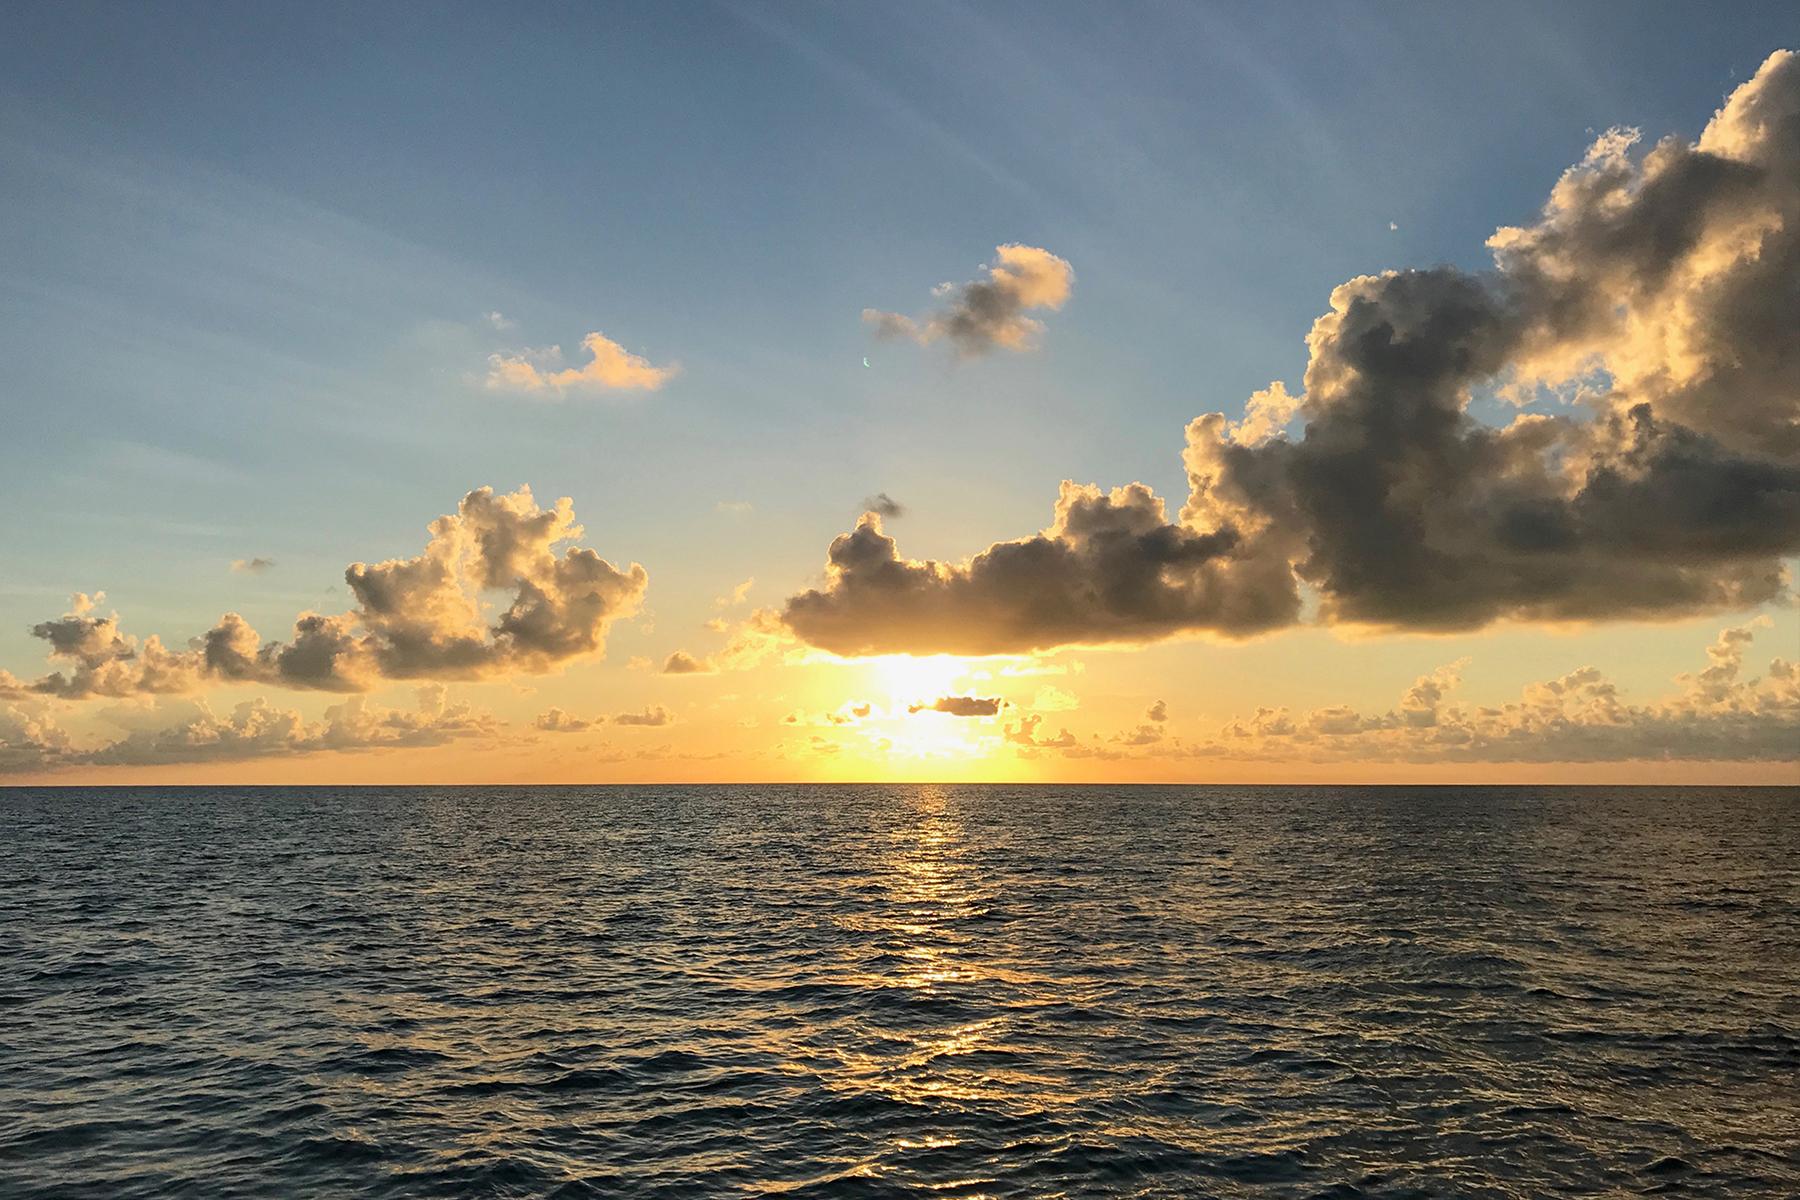 a sunrise over the Atlantic